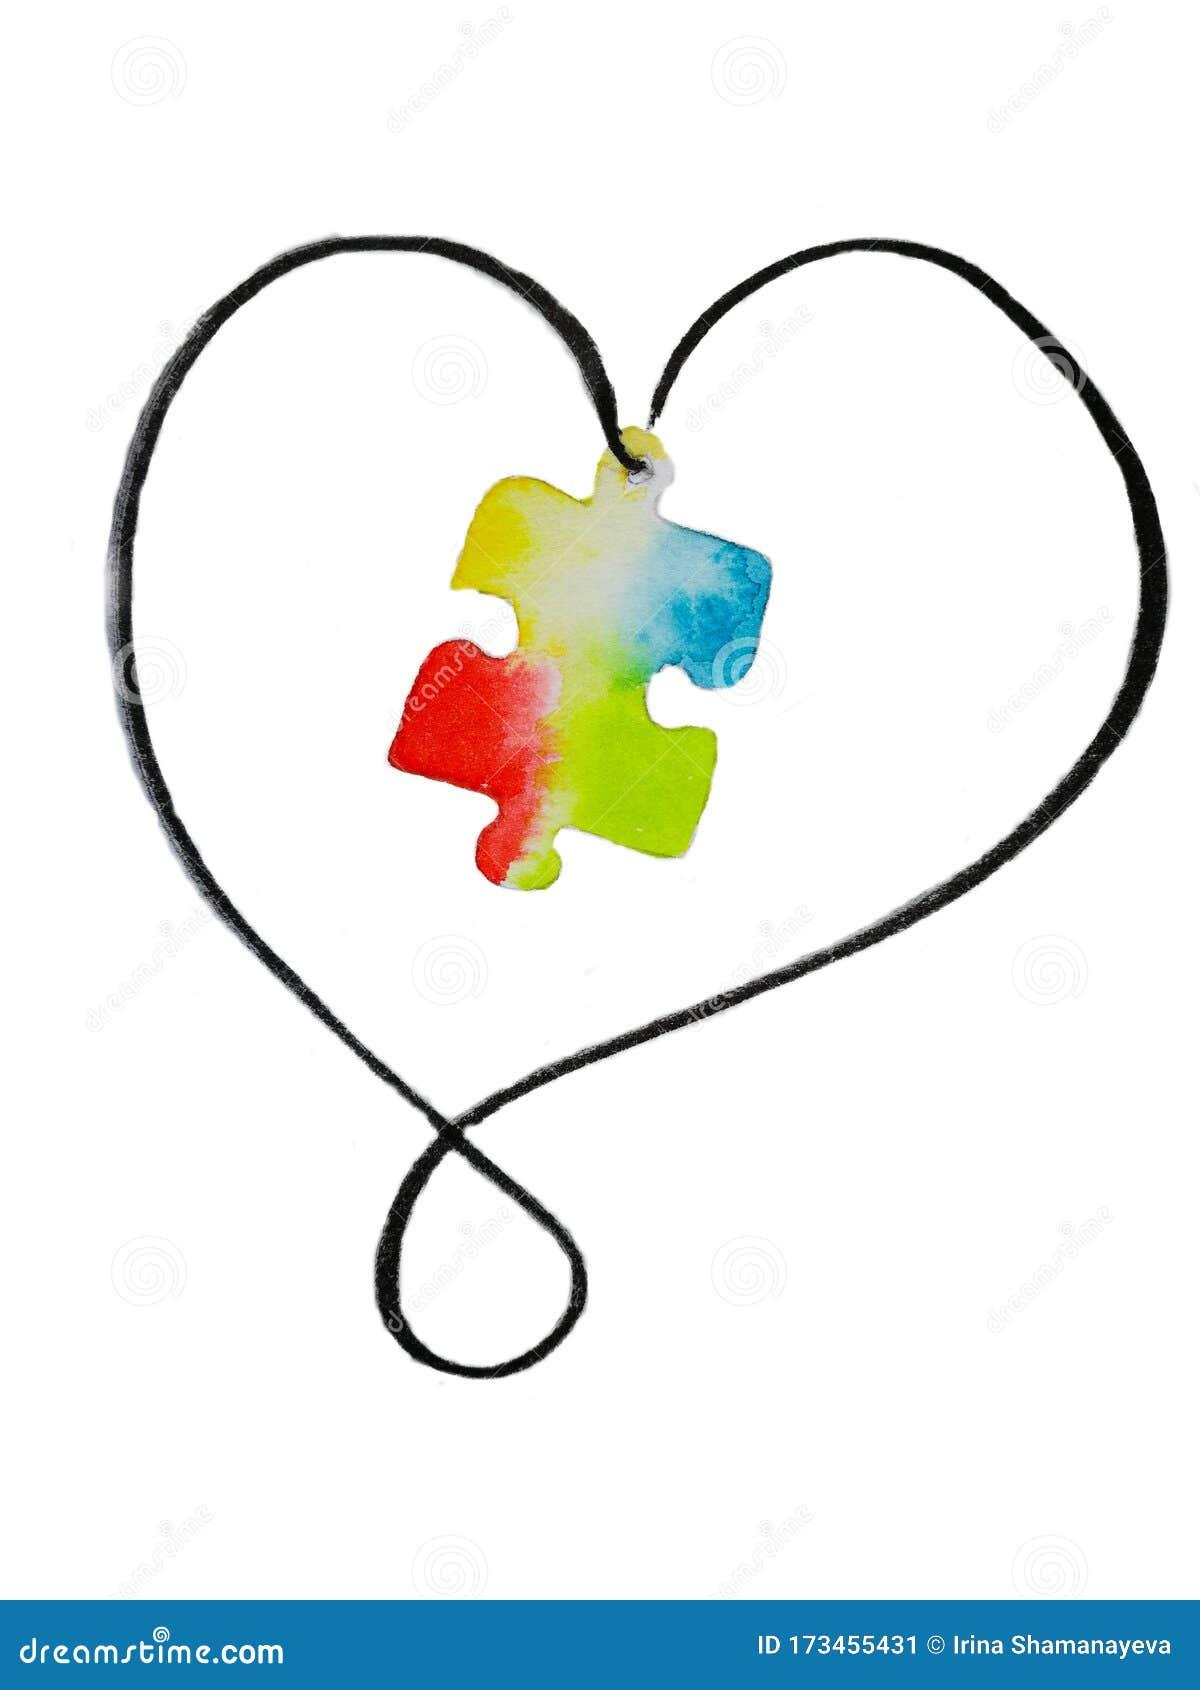 Símbolo De Dibujo Acuarela Del Día Mundial De Conciencia Sobre El Autismo Rompecabezas Coloridos Stock De Ilustración Ilustración De Concepto Colorido 173455431